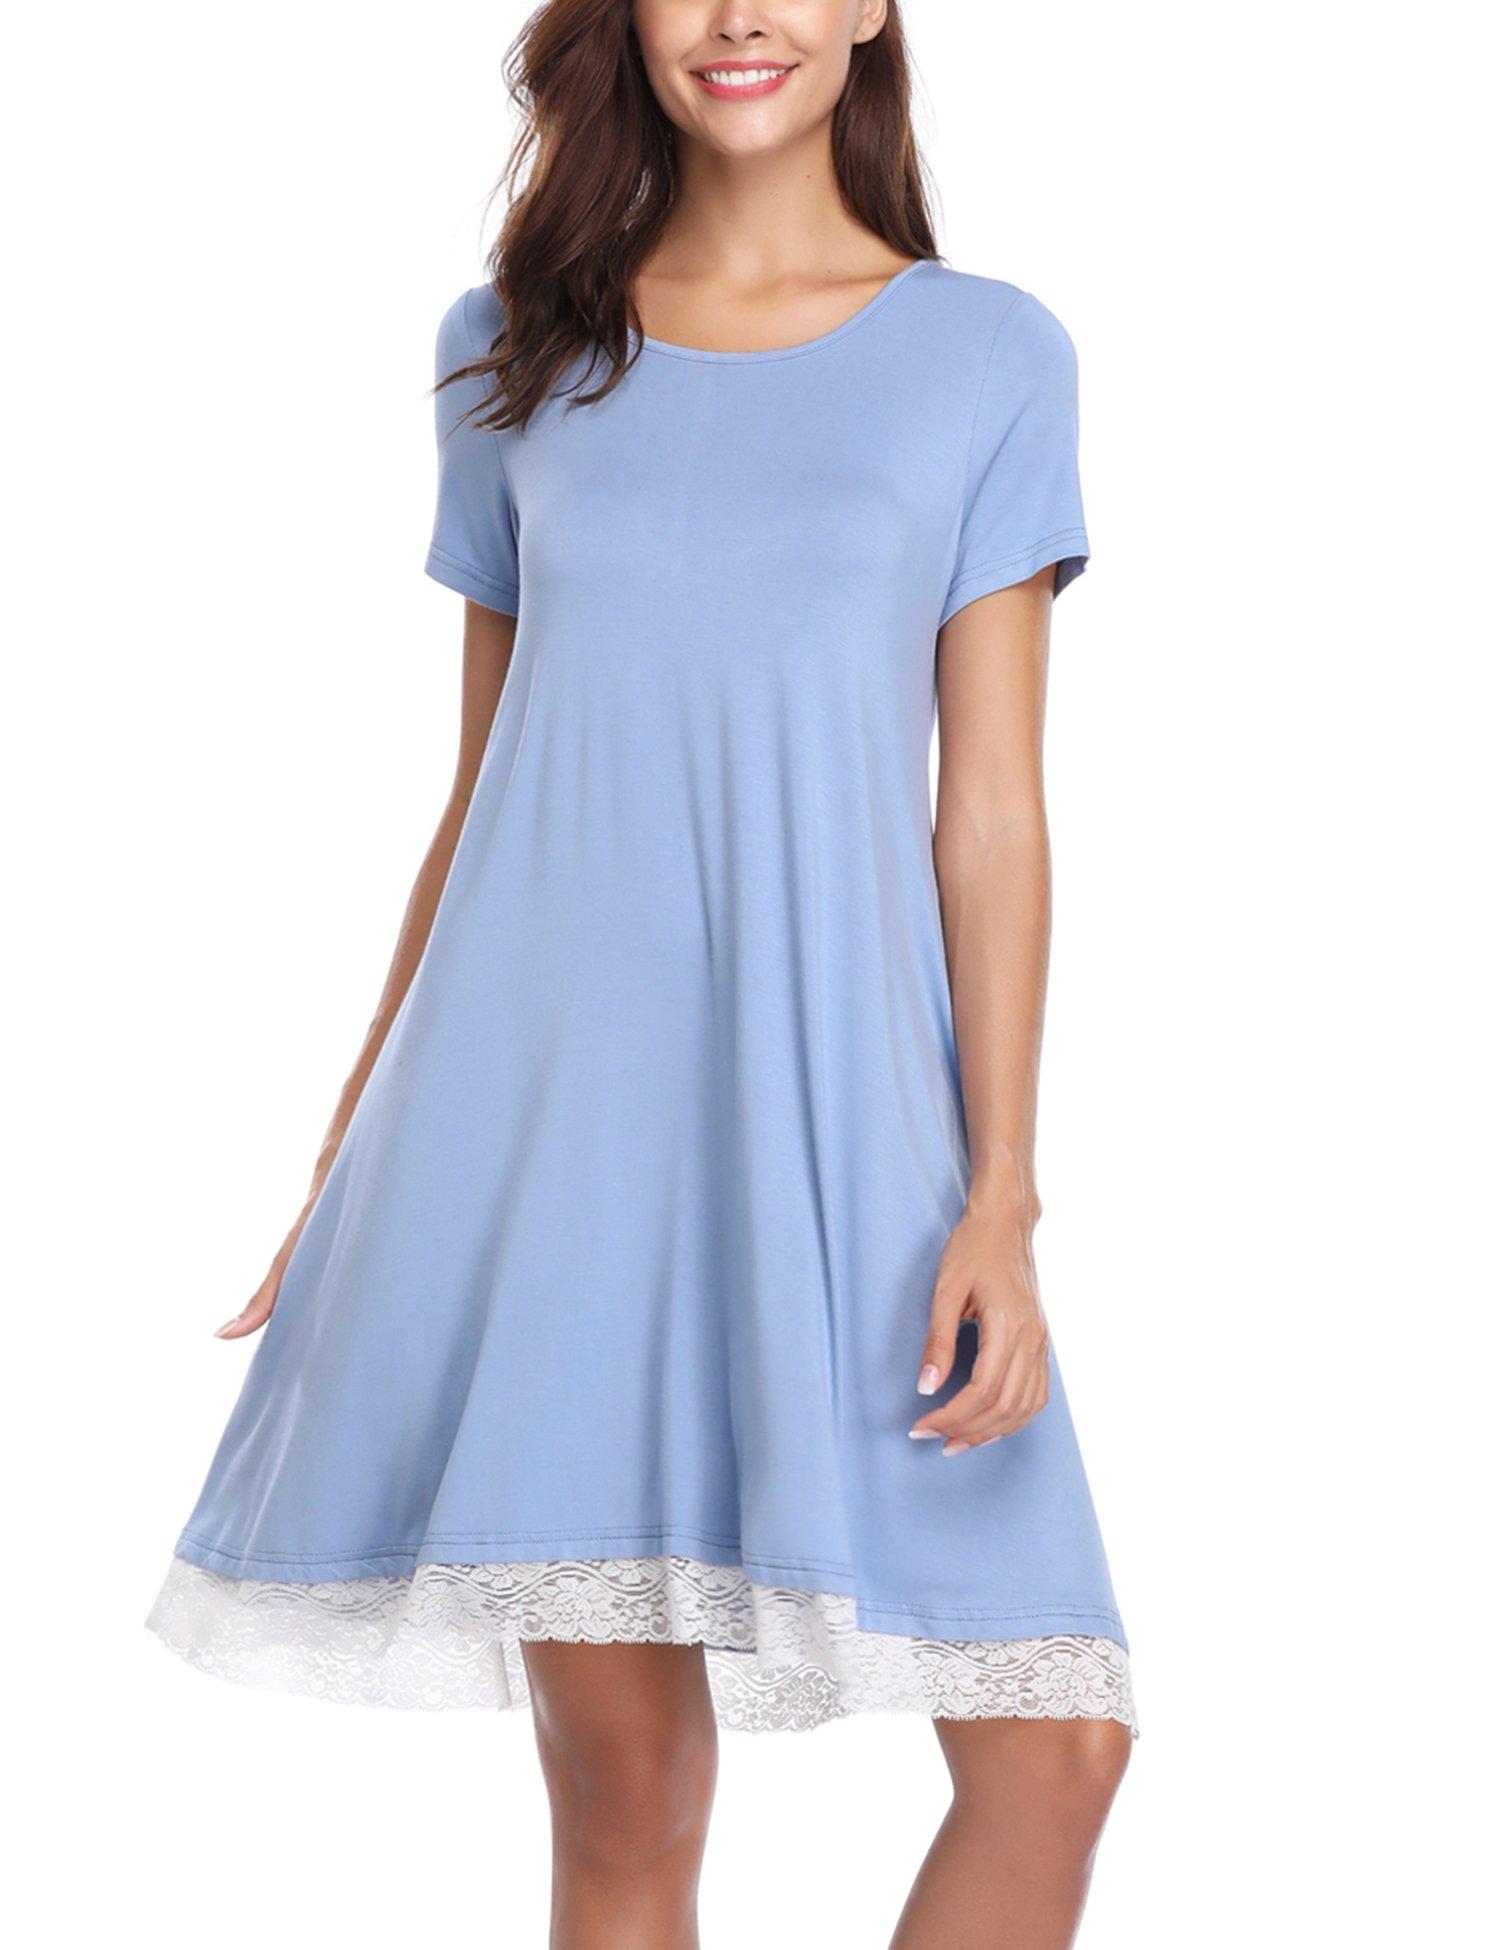 Aibrou Camisón Casual Mujer Algodón,Pijama Manga Corta Comodo y Elegante Ropa de Dormir para